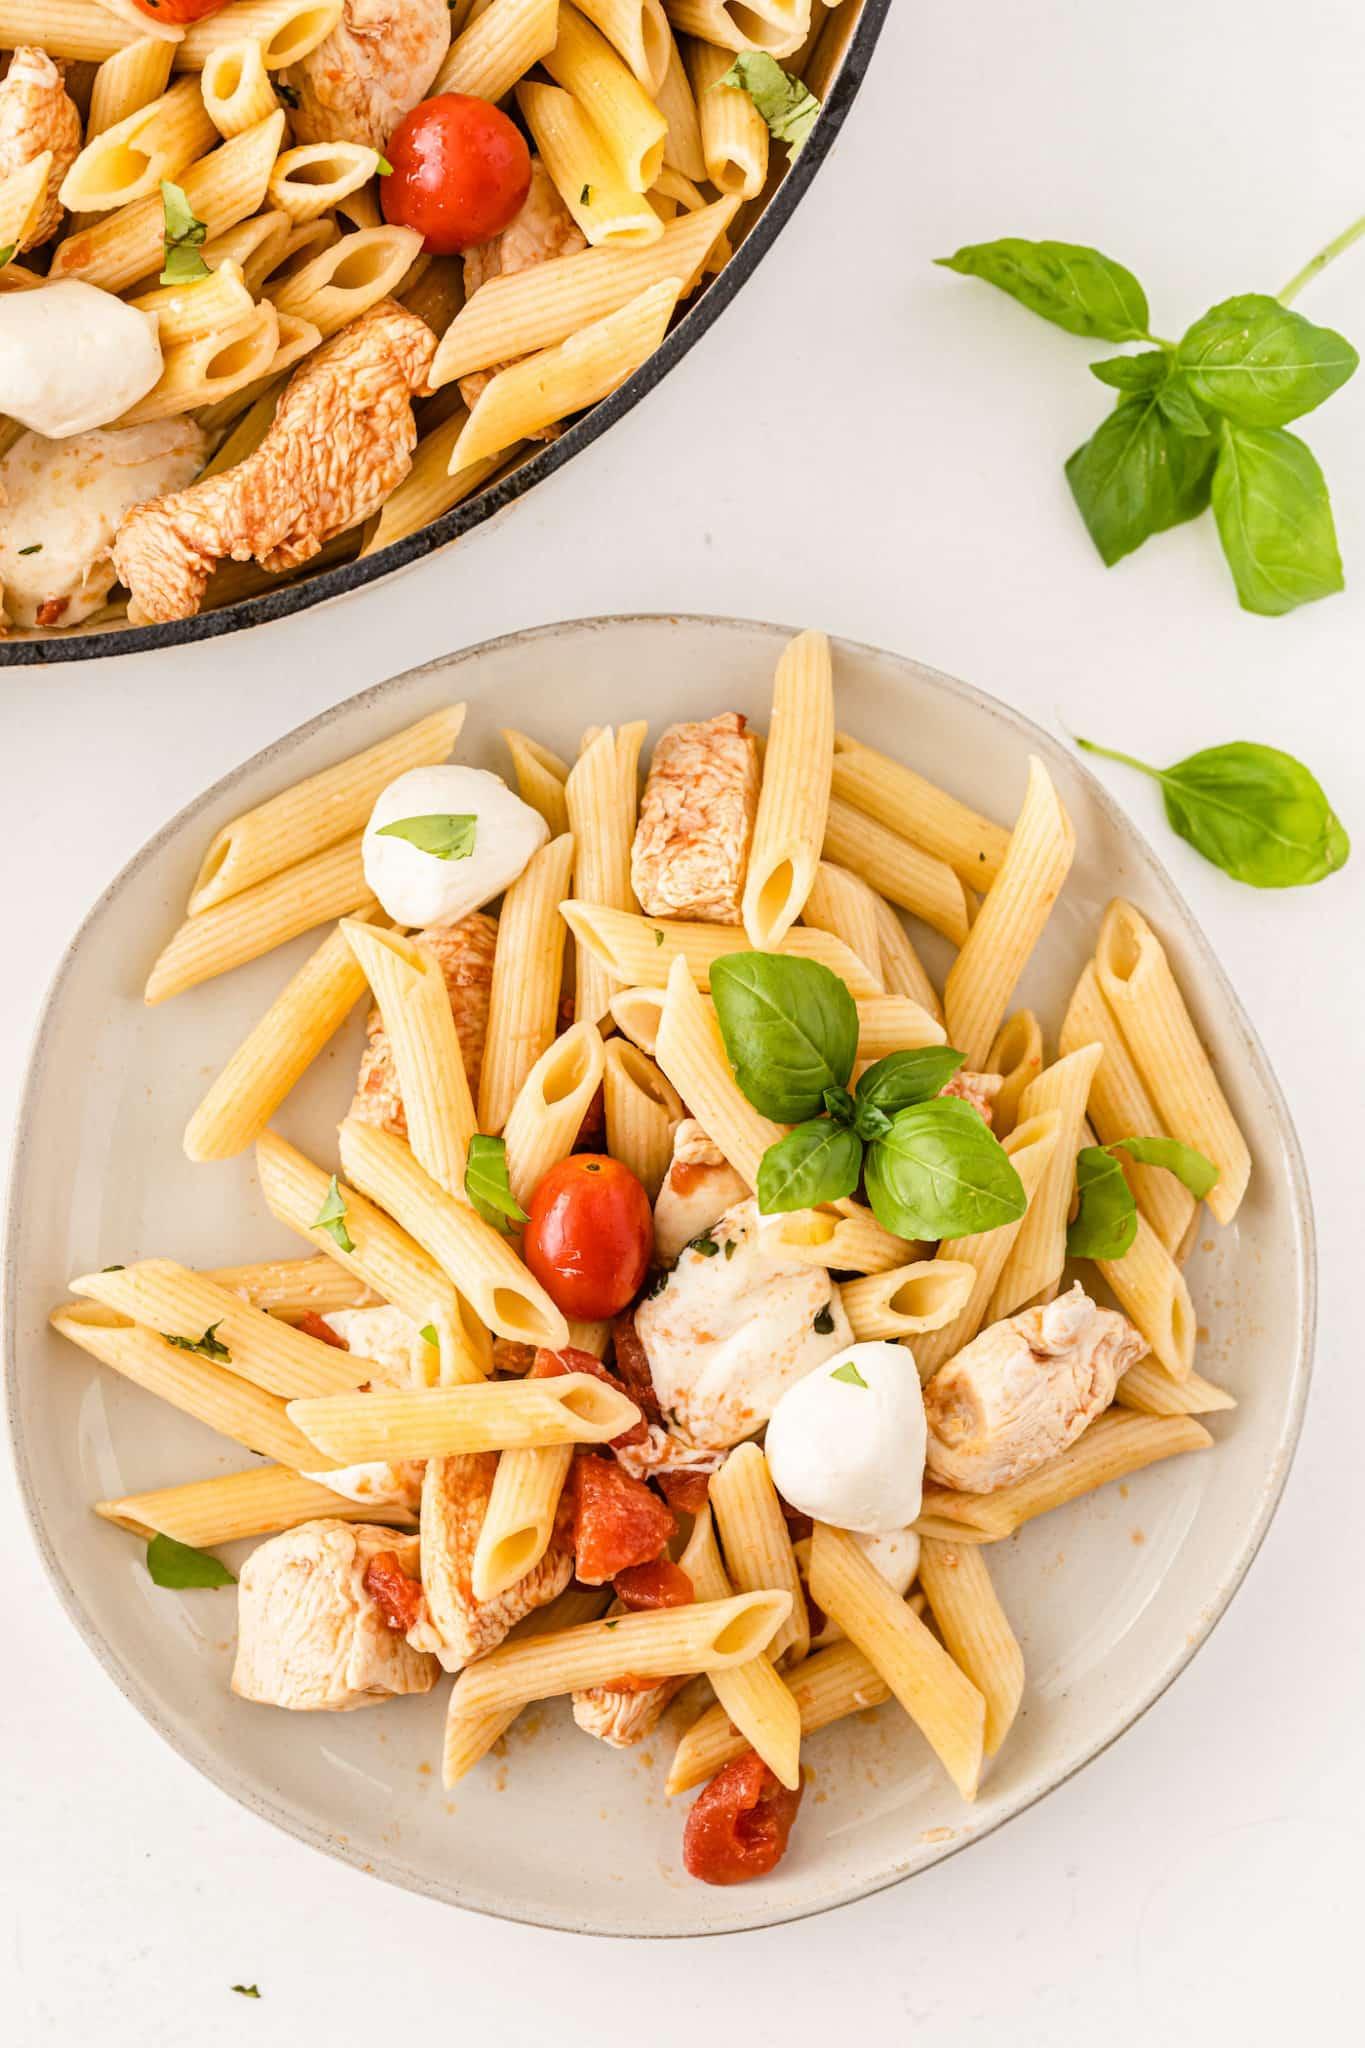 tomato basil pasta with mozzarella